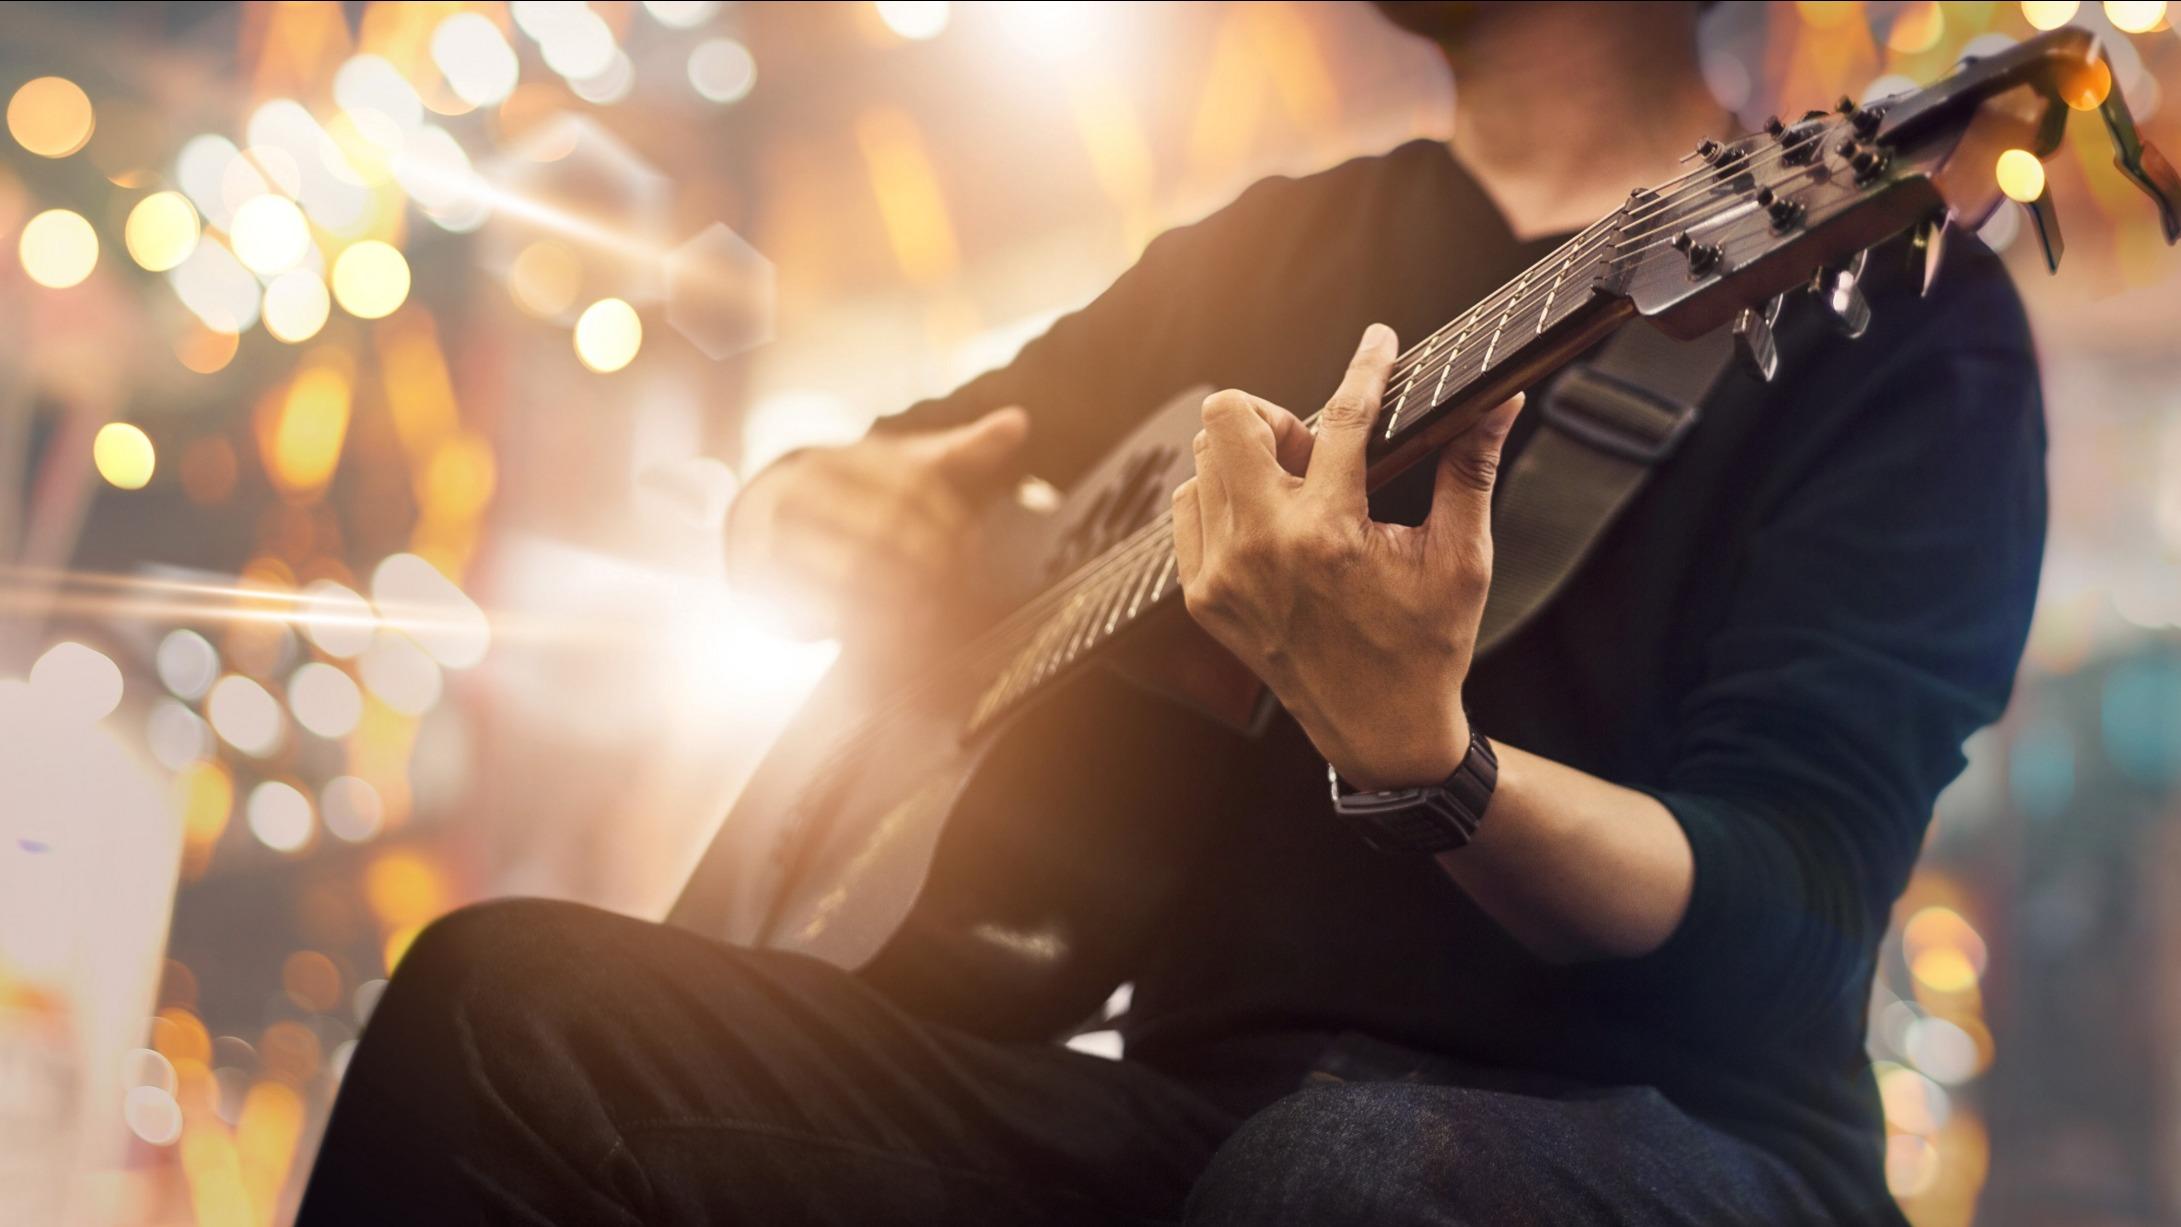 Oft verkannt, und doch rocken sie: Konzertfilme. Sie machen Konzerte unsterblich und lassen sie uns immer wieder erleben. Das sind die 10 besten …  | Spiele.de